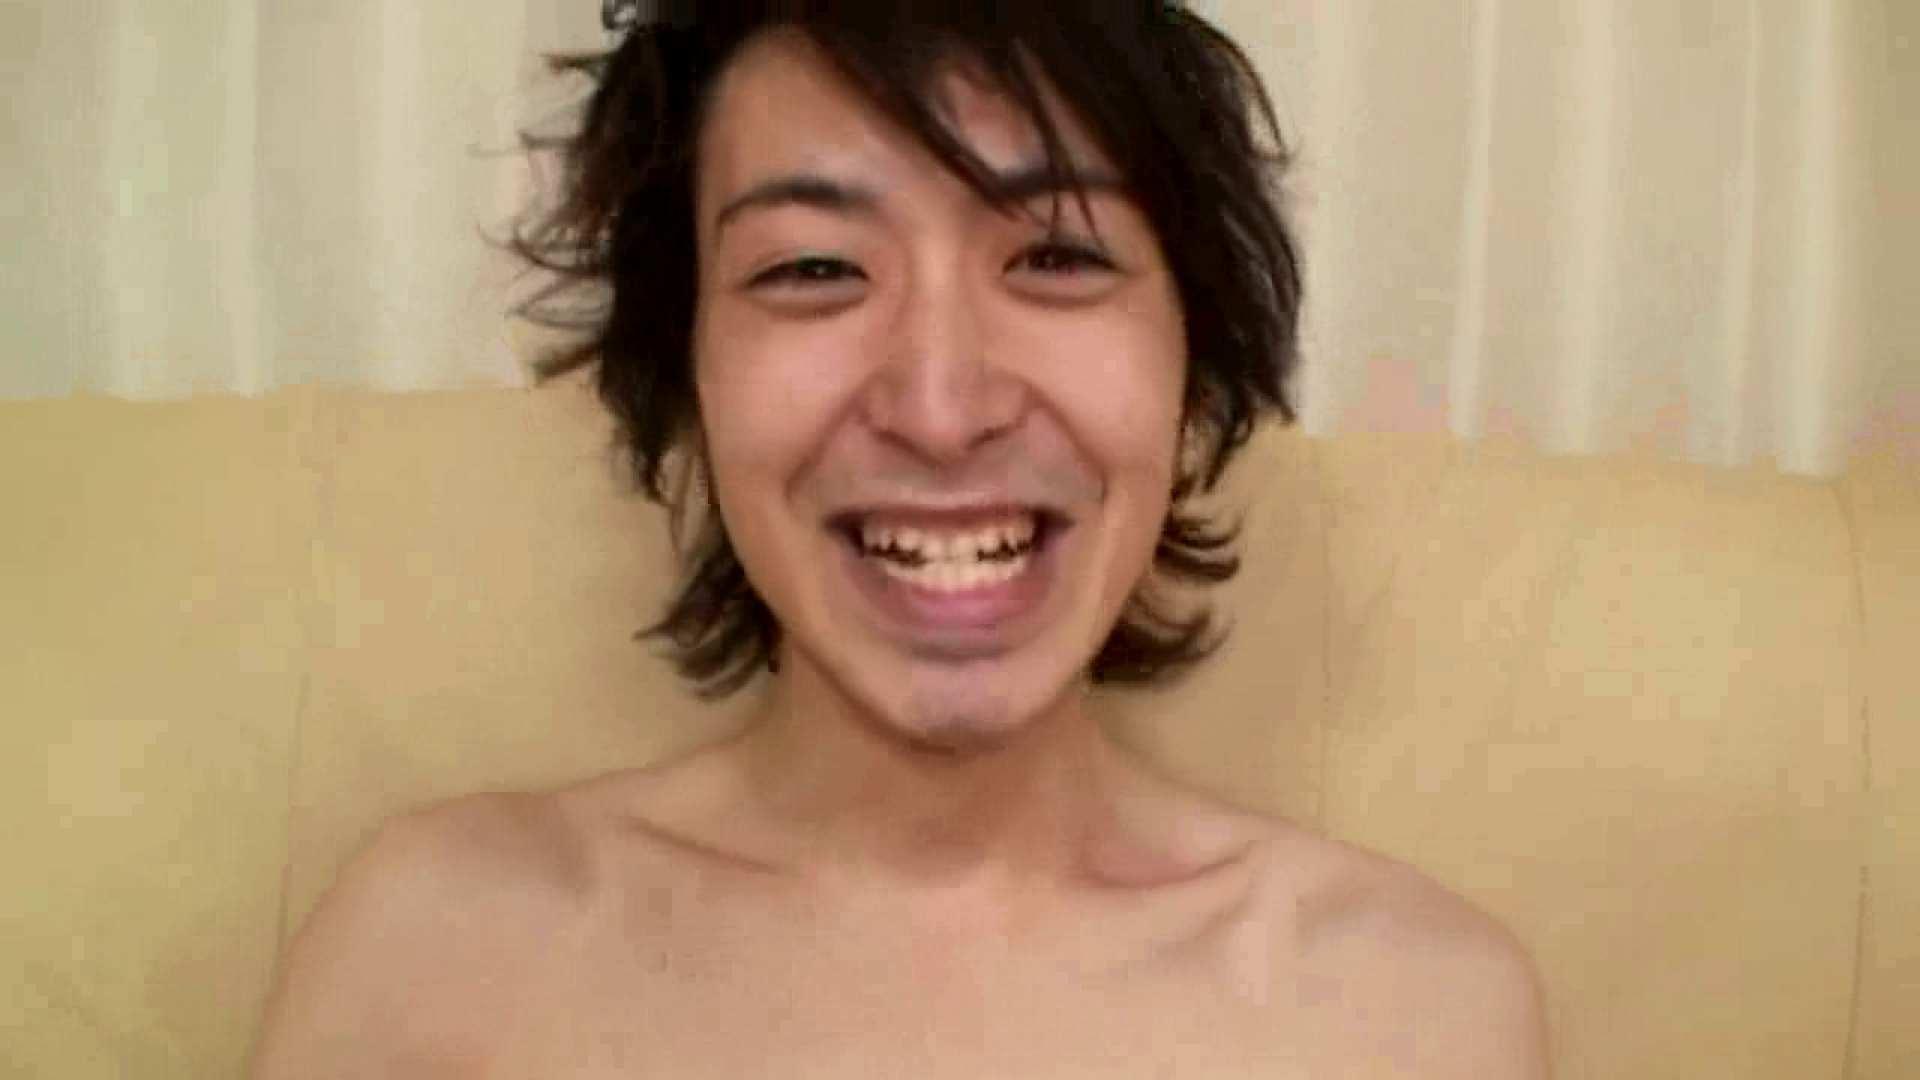 ノンケ!自慰スタジオ No.21 ゲイのオナニー映像 ちんこ画像 68枚 34